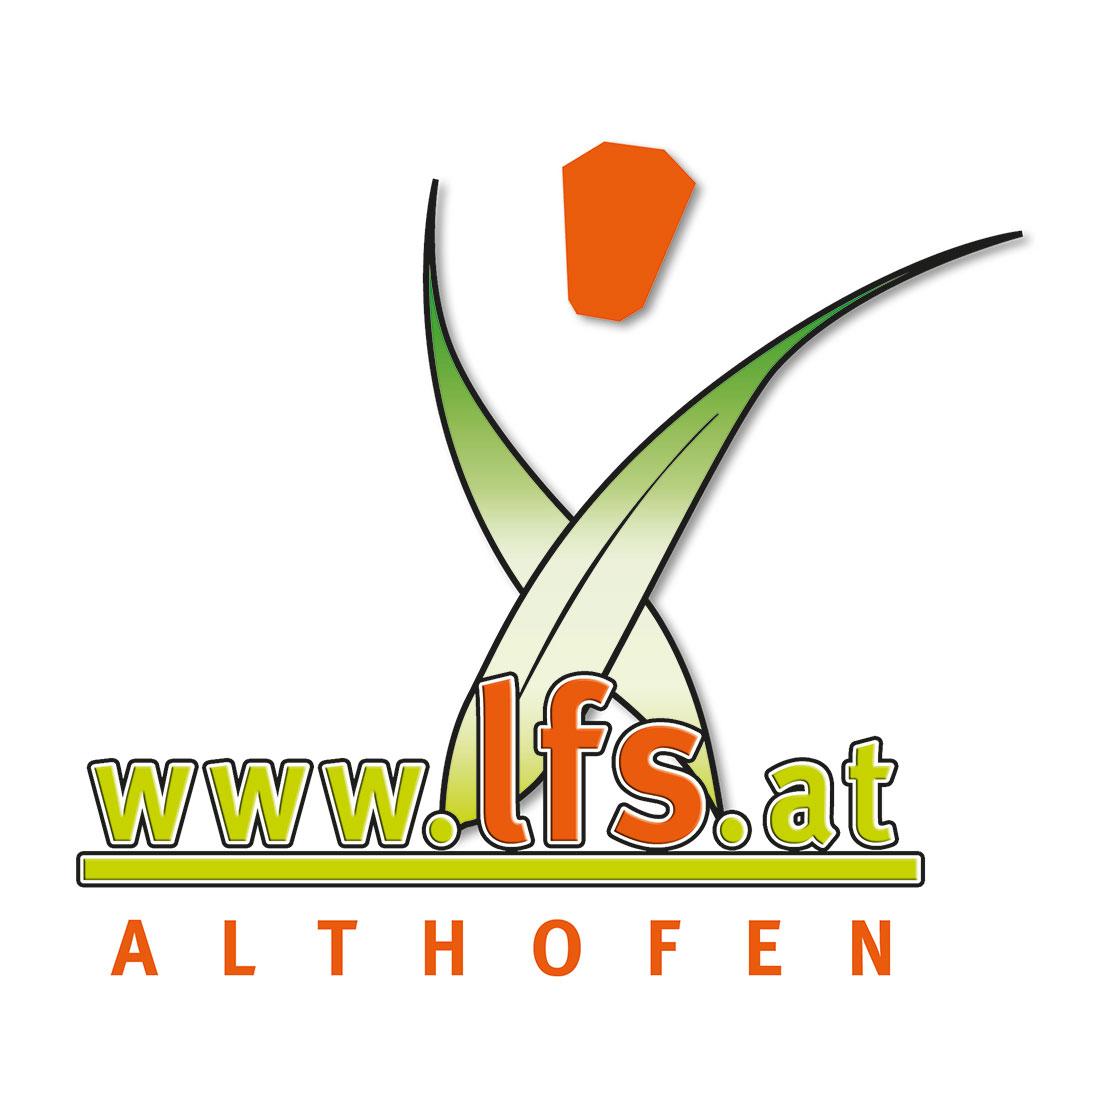 Logoerstellung Landwirtschaftliche Fachschule Althofen